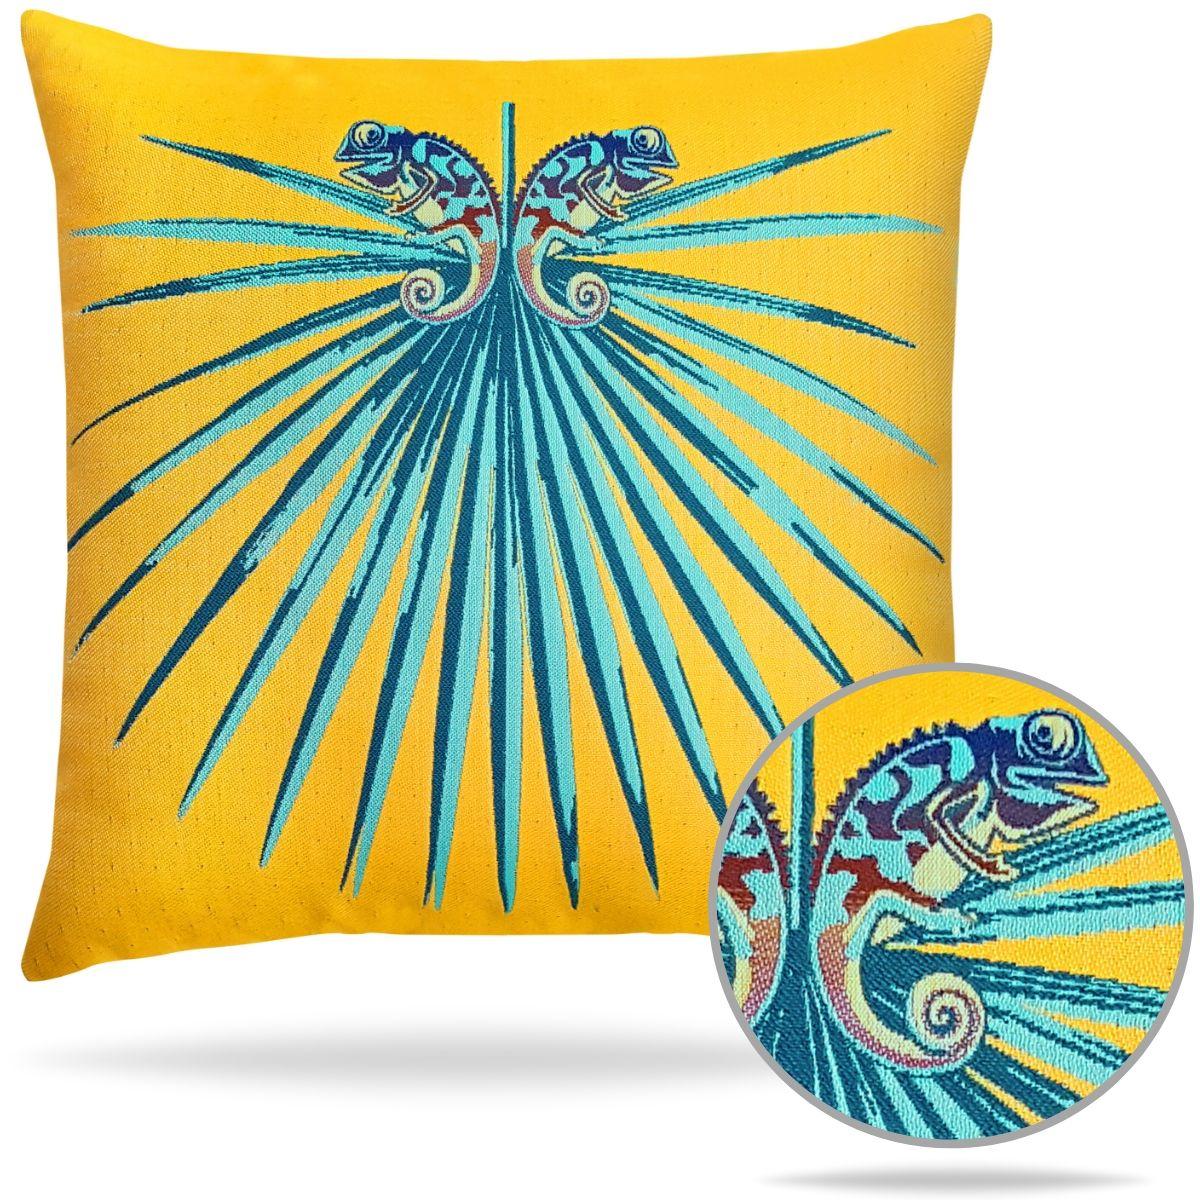 chameleon-elaine-smith pillow lagoon